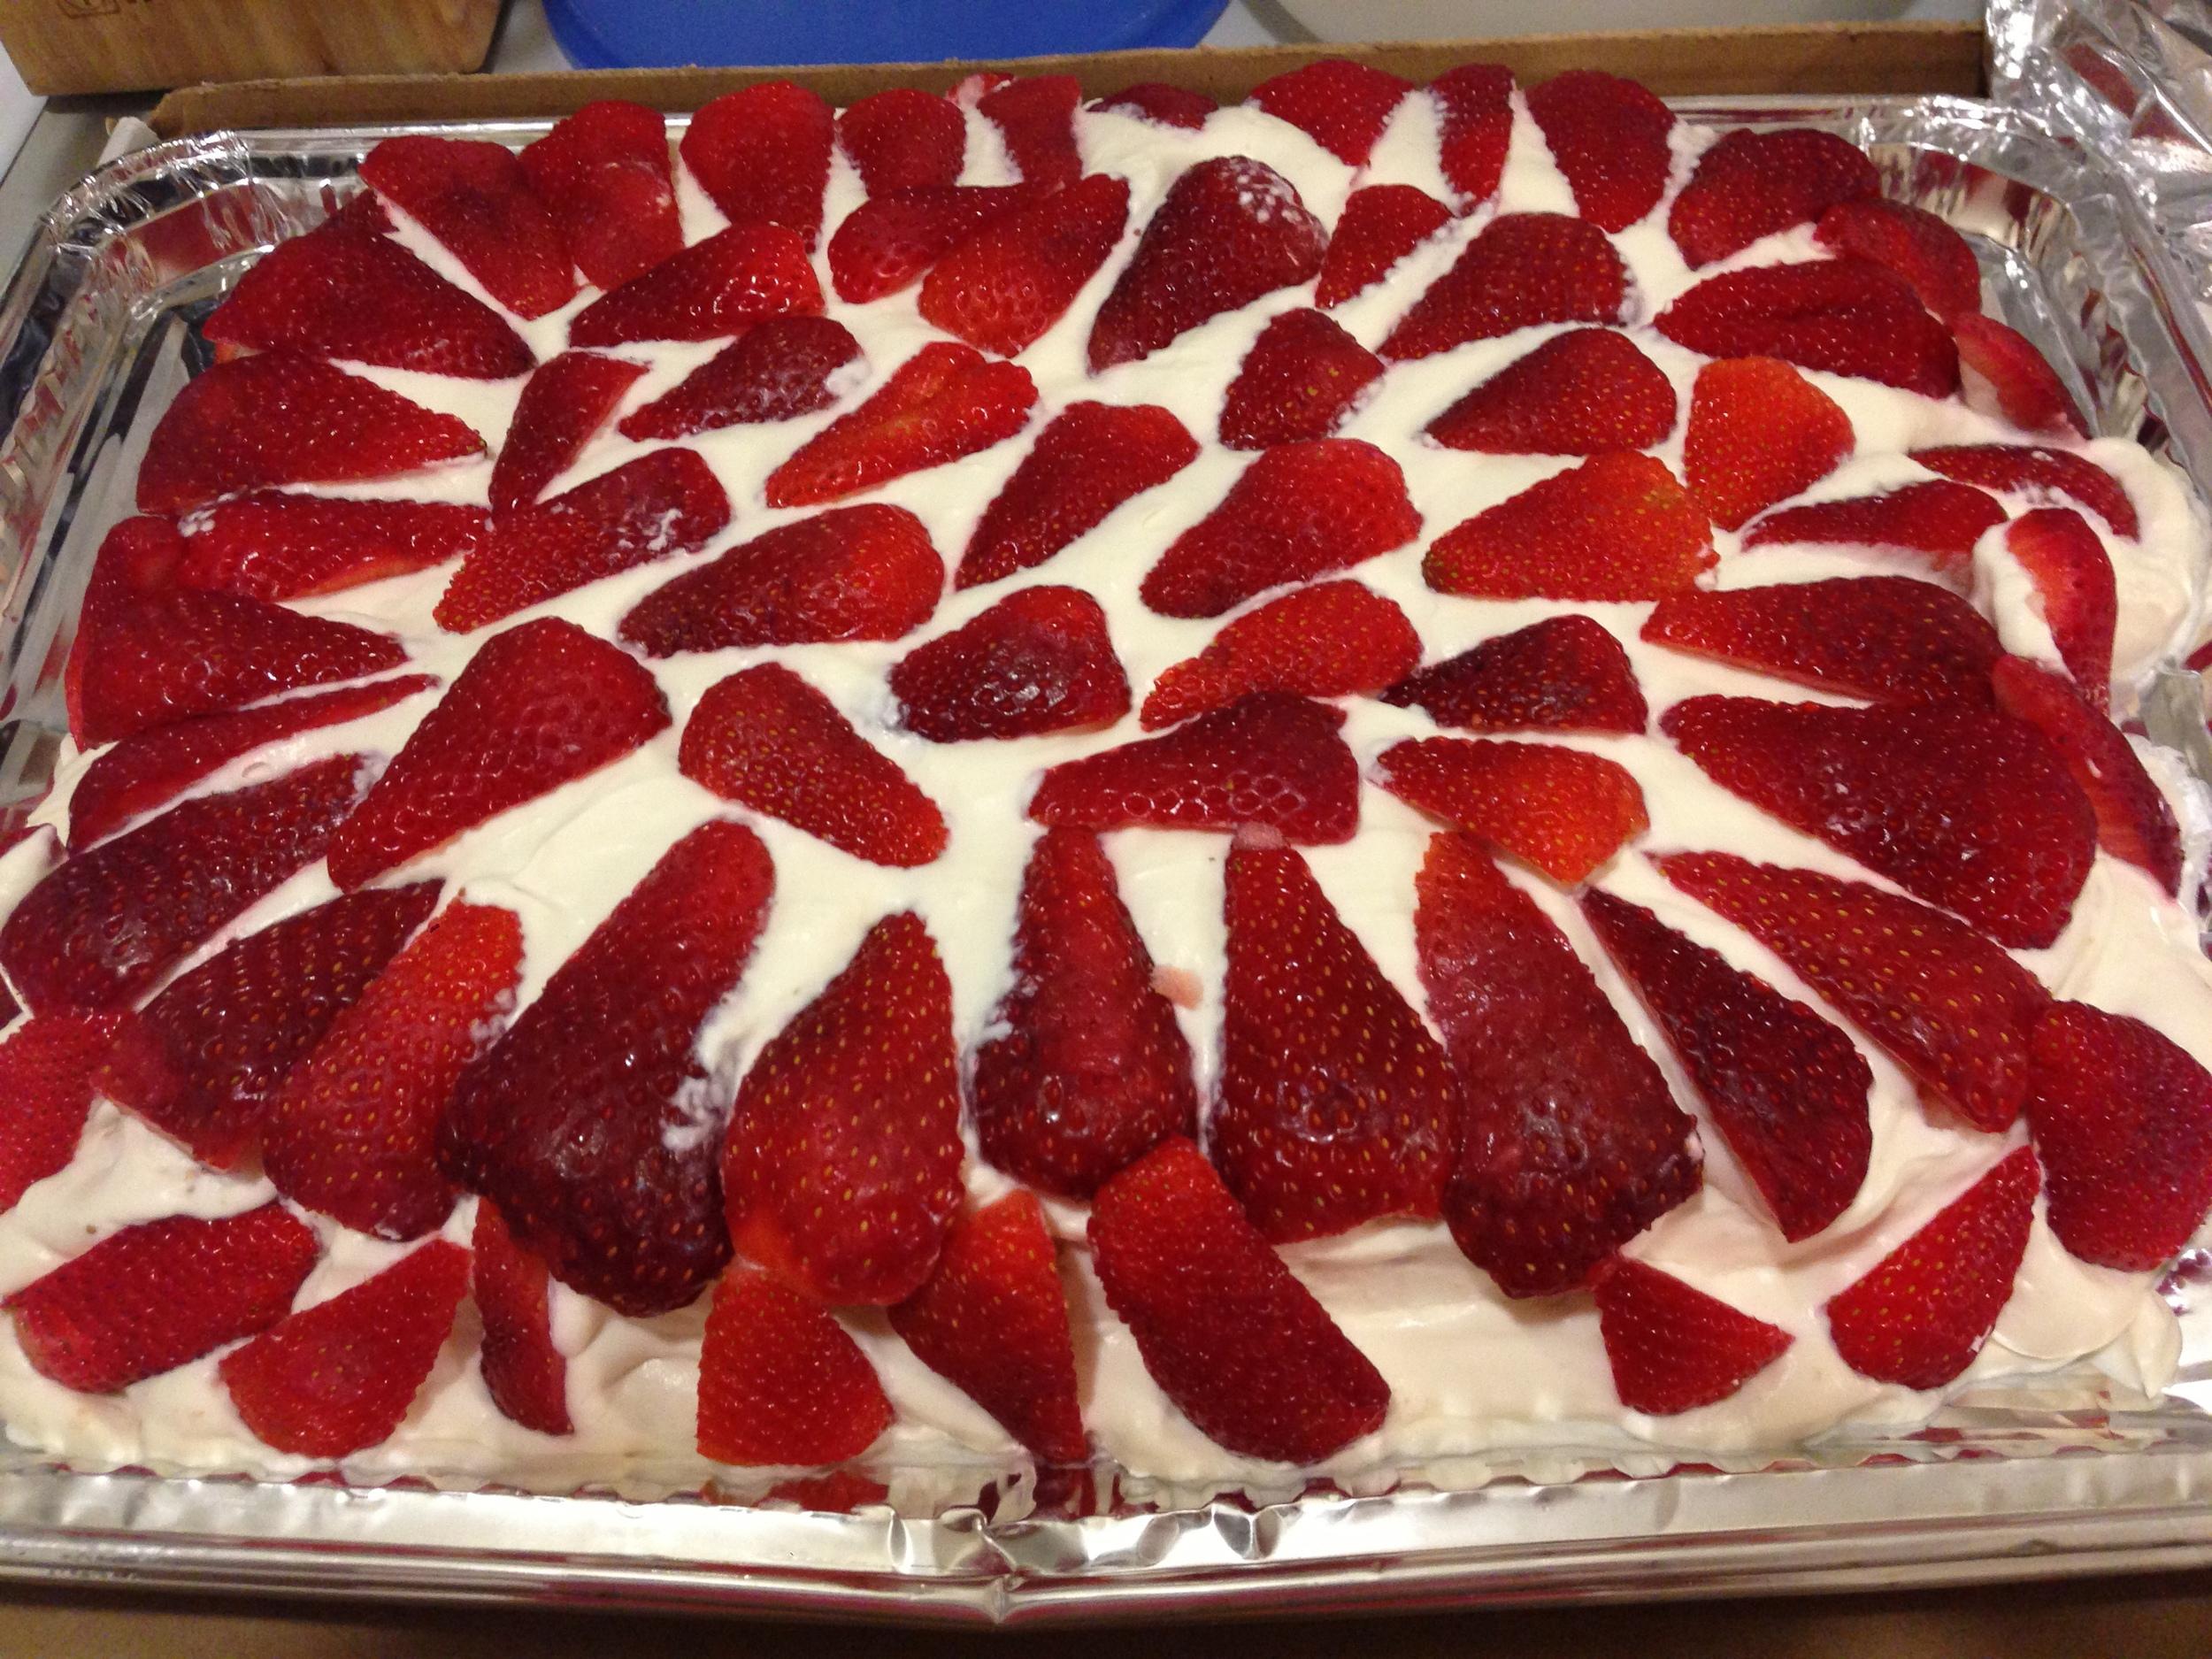 Fresh strawberries and homemade whipped cream. #NOM